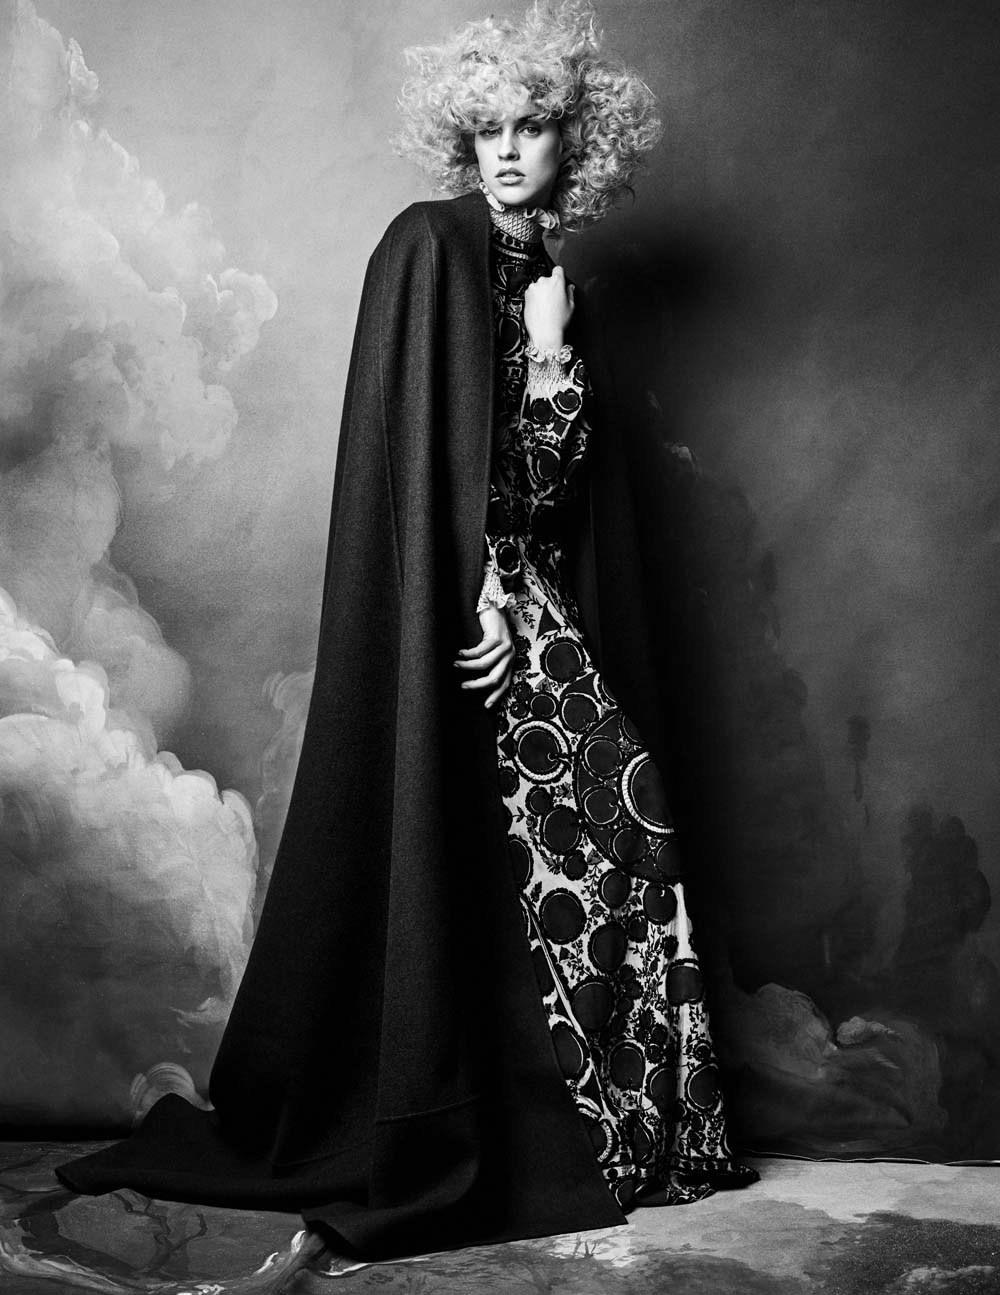 Alvaro Beamud Cortes / Julia Frauche / Vogue España